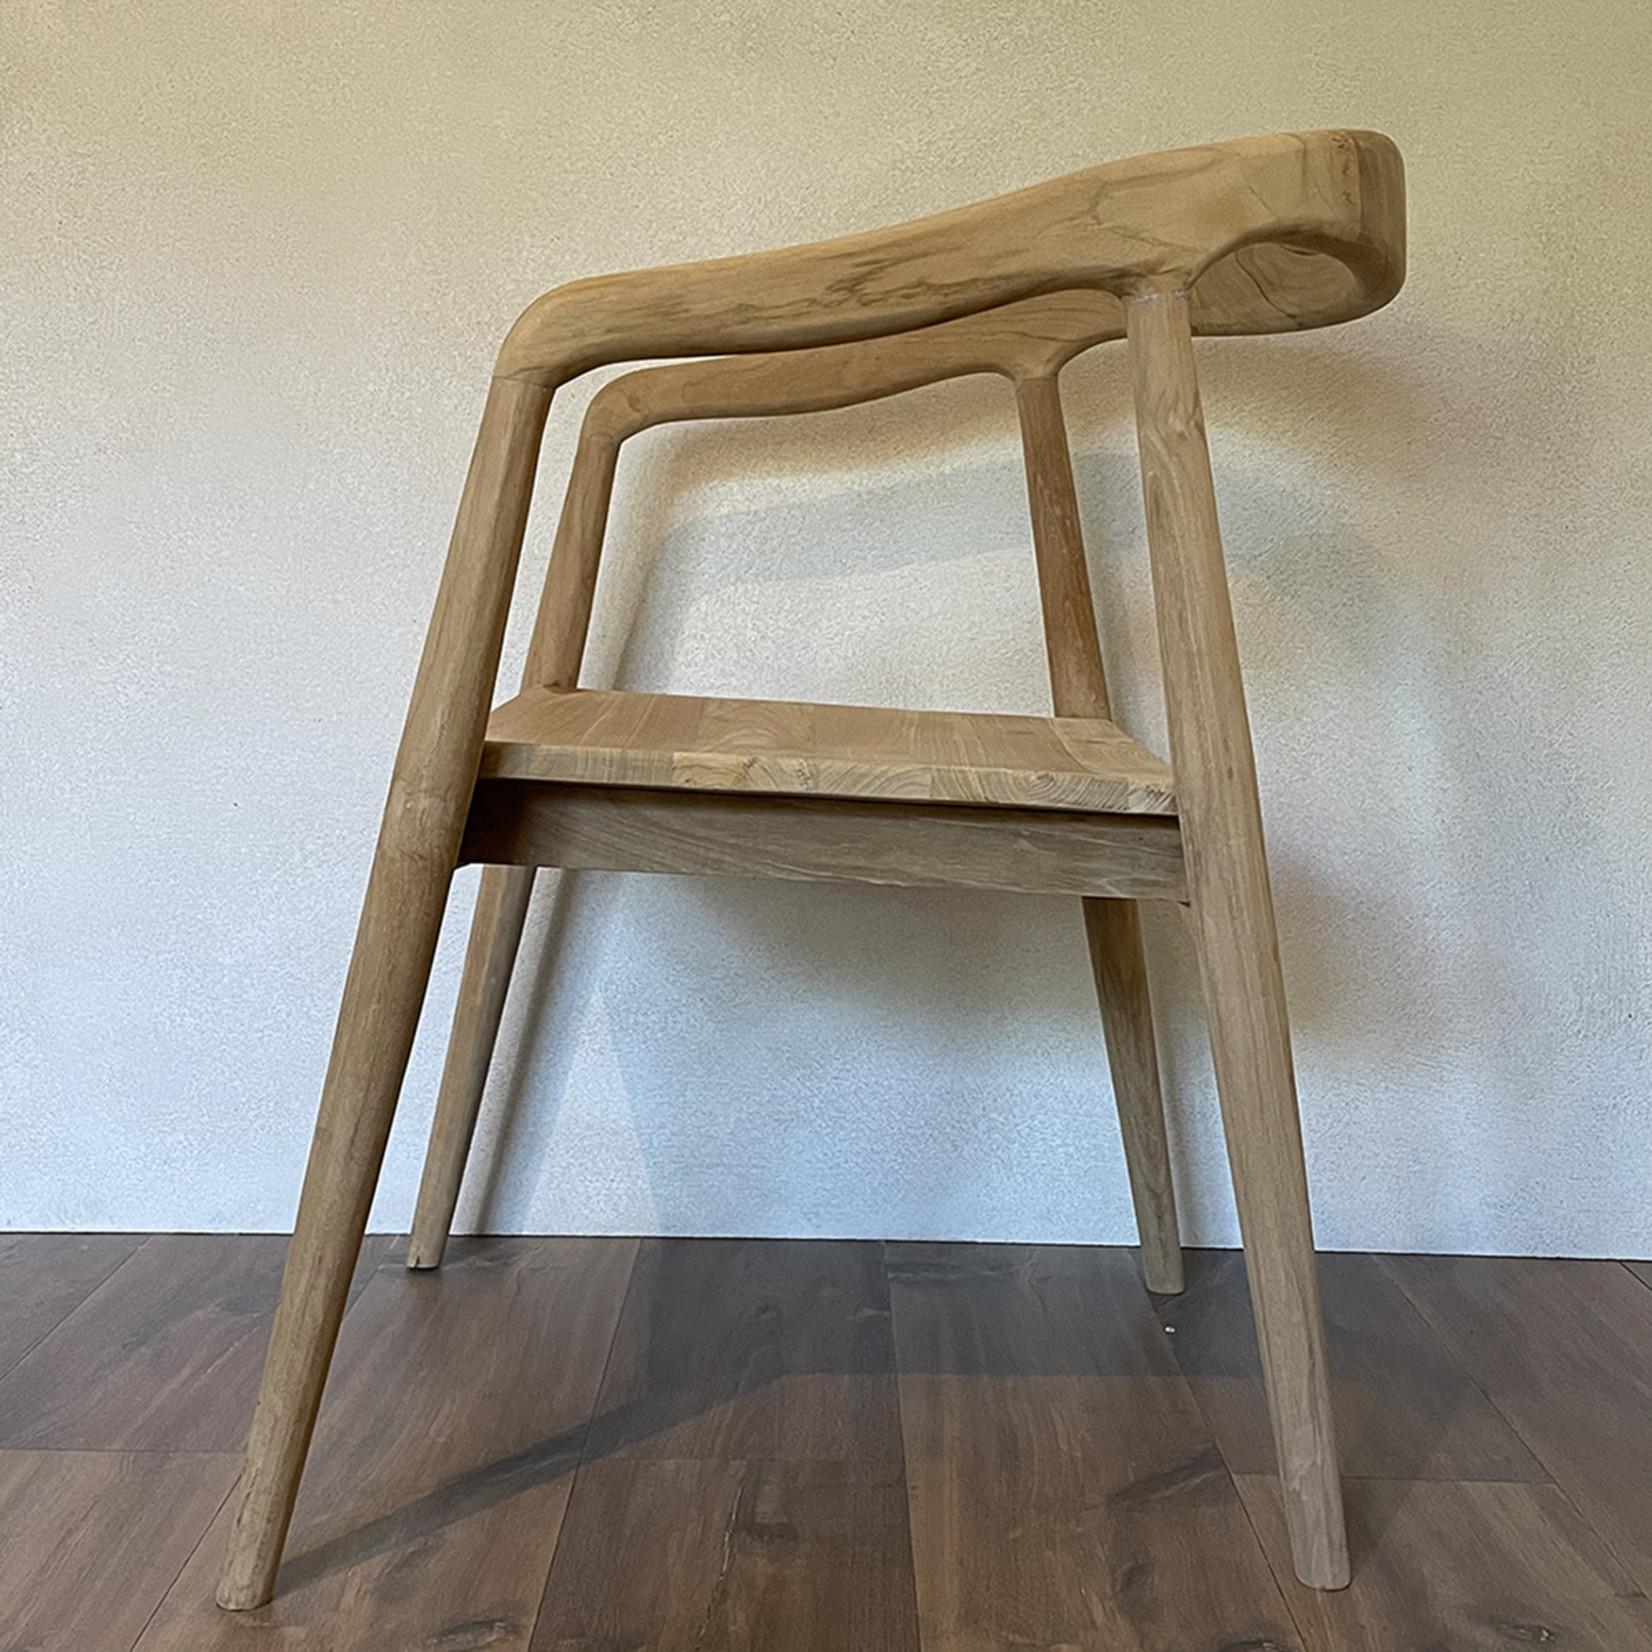 Chair teak natural